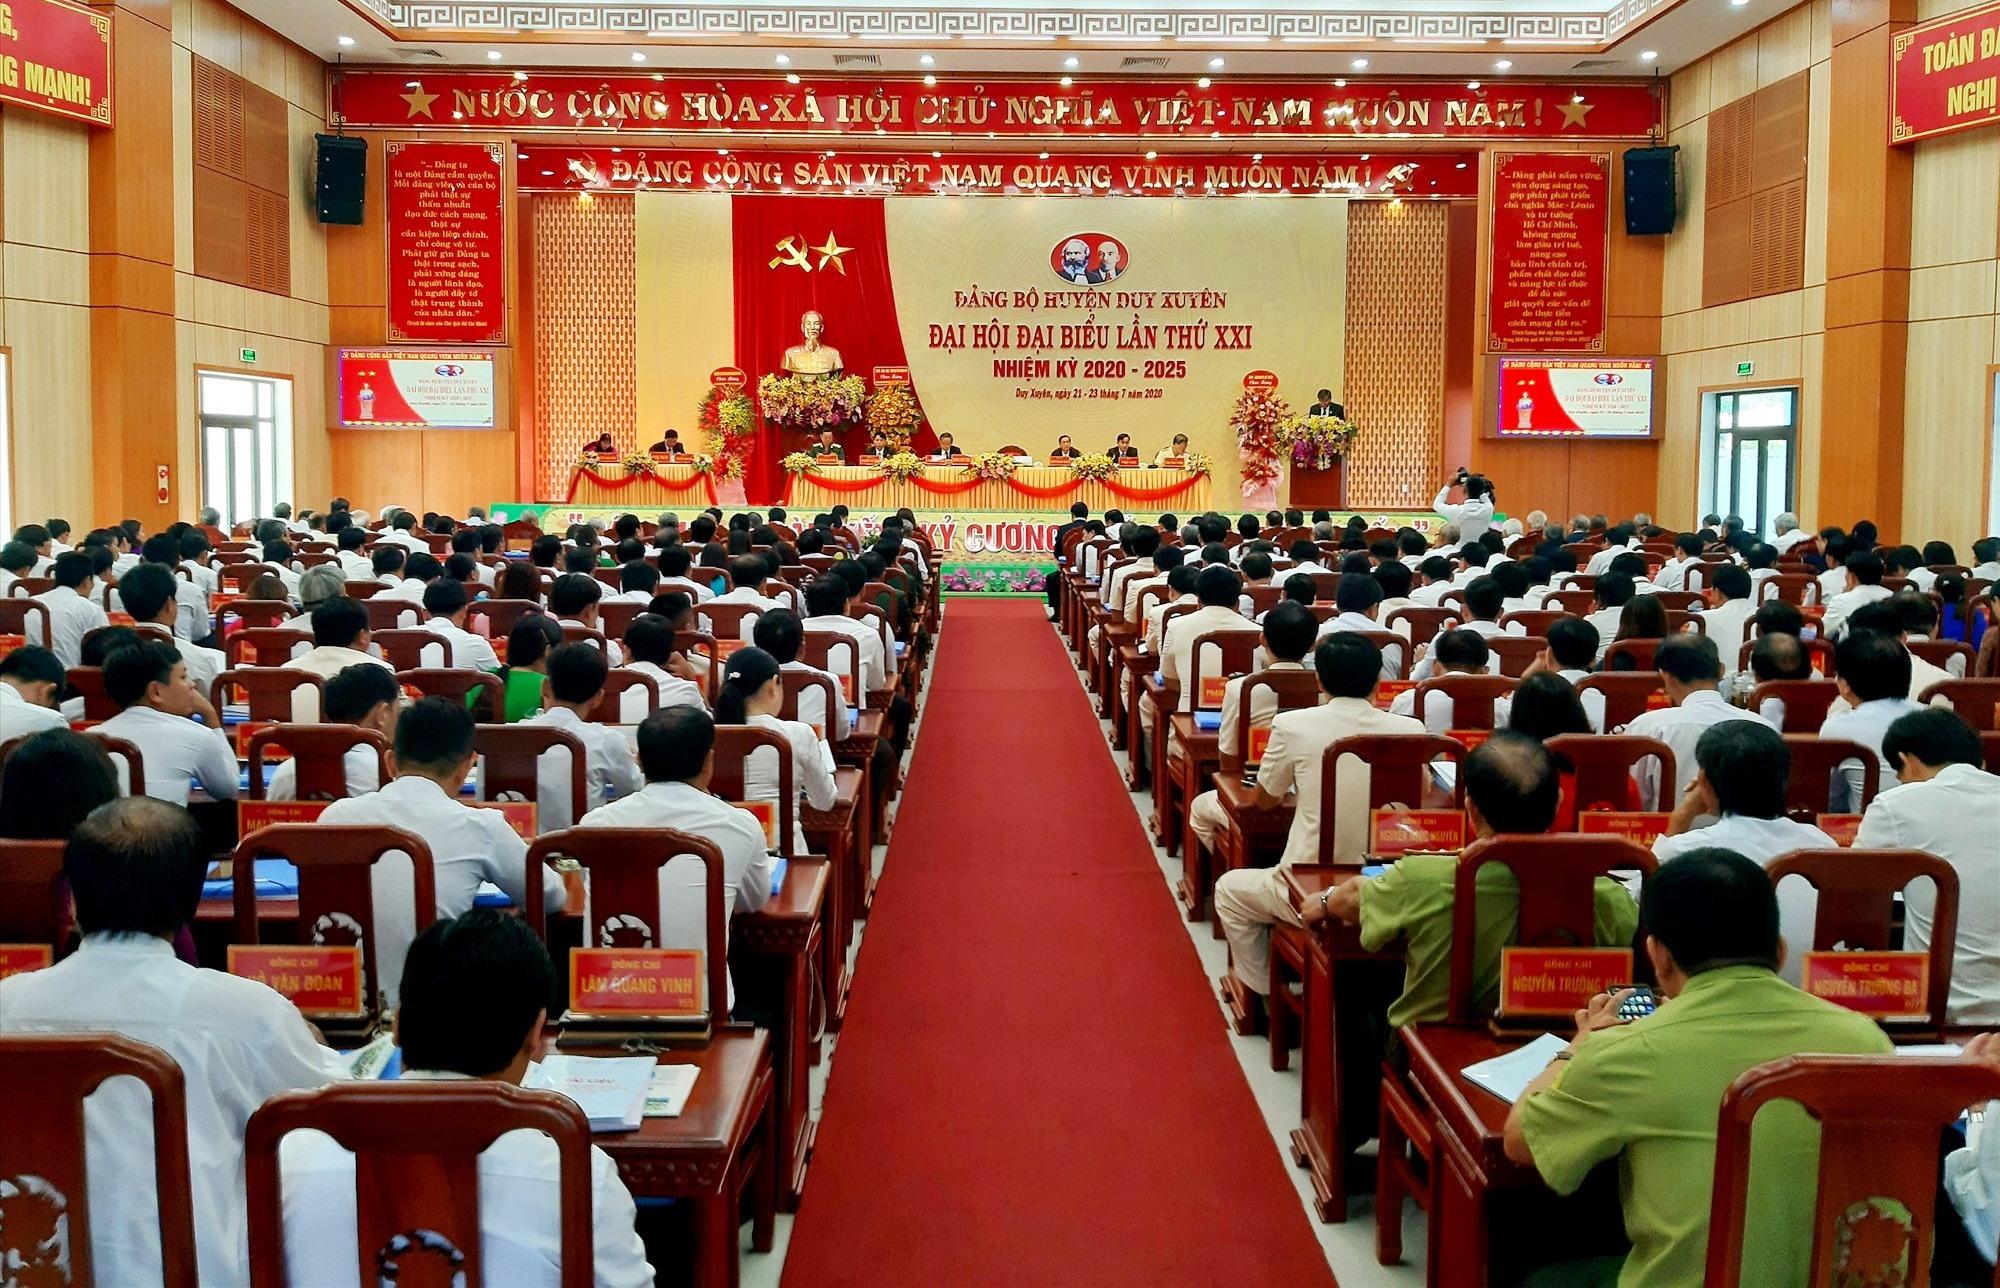 Quang cảnh phiên khai mạc Đại hội đại biểu Đảng bộ huyện Duy Xuyên lần thứ XXI (nhiệm kỳ 2020 - 2025) diễn ra sáng nay 22.7. Ảnh: VĂN SỰ